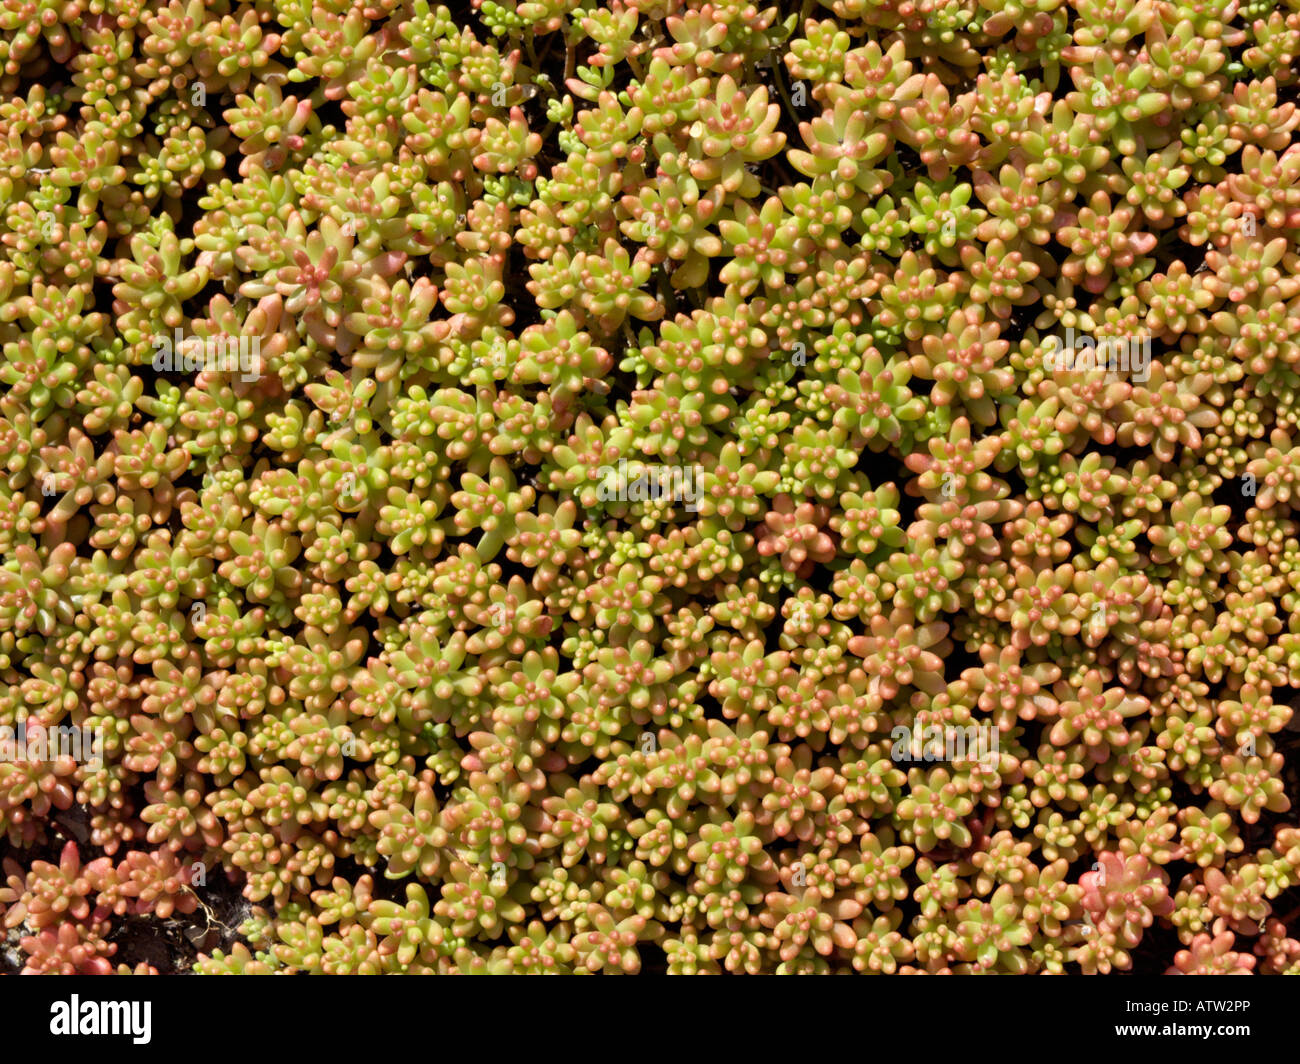 White stonecrop sedum album 39 coral carpet 39 stock photo royalty free image 16392813 alamy - Sedum album coral carpet ...